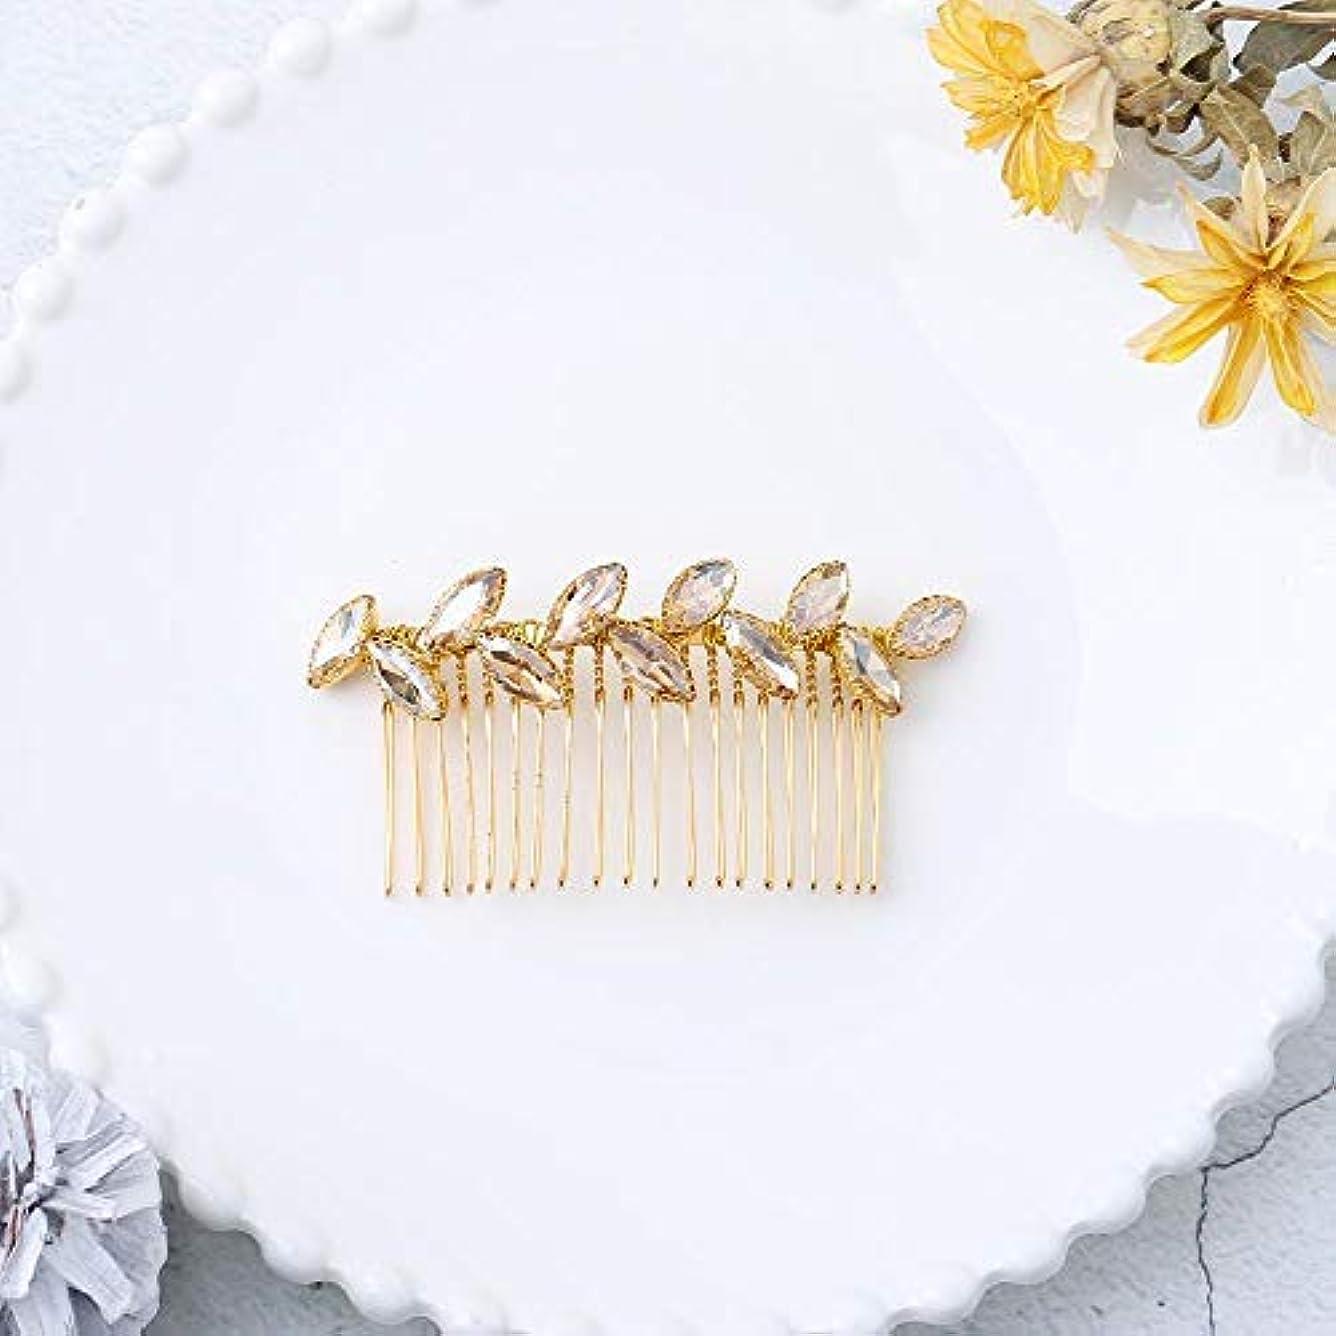 つかの間摂動悲鳴Jovono Bride Wedding Hair Comb Bridal Headpieces with Champagne Rhinestone for Women and Girls (Gold) [並行輸入品]